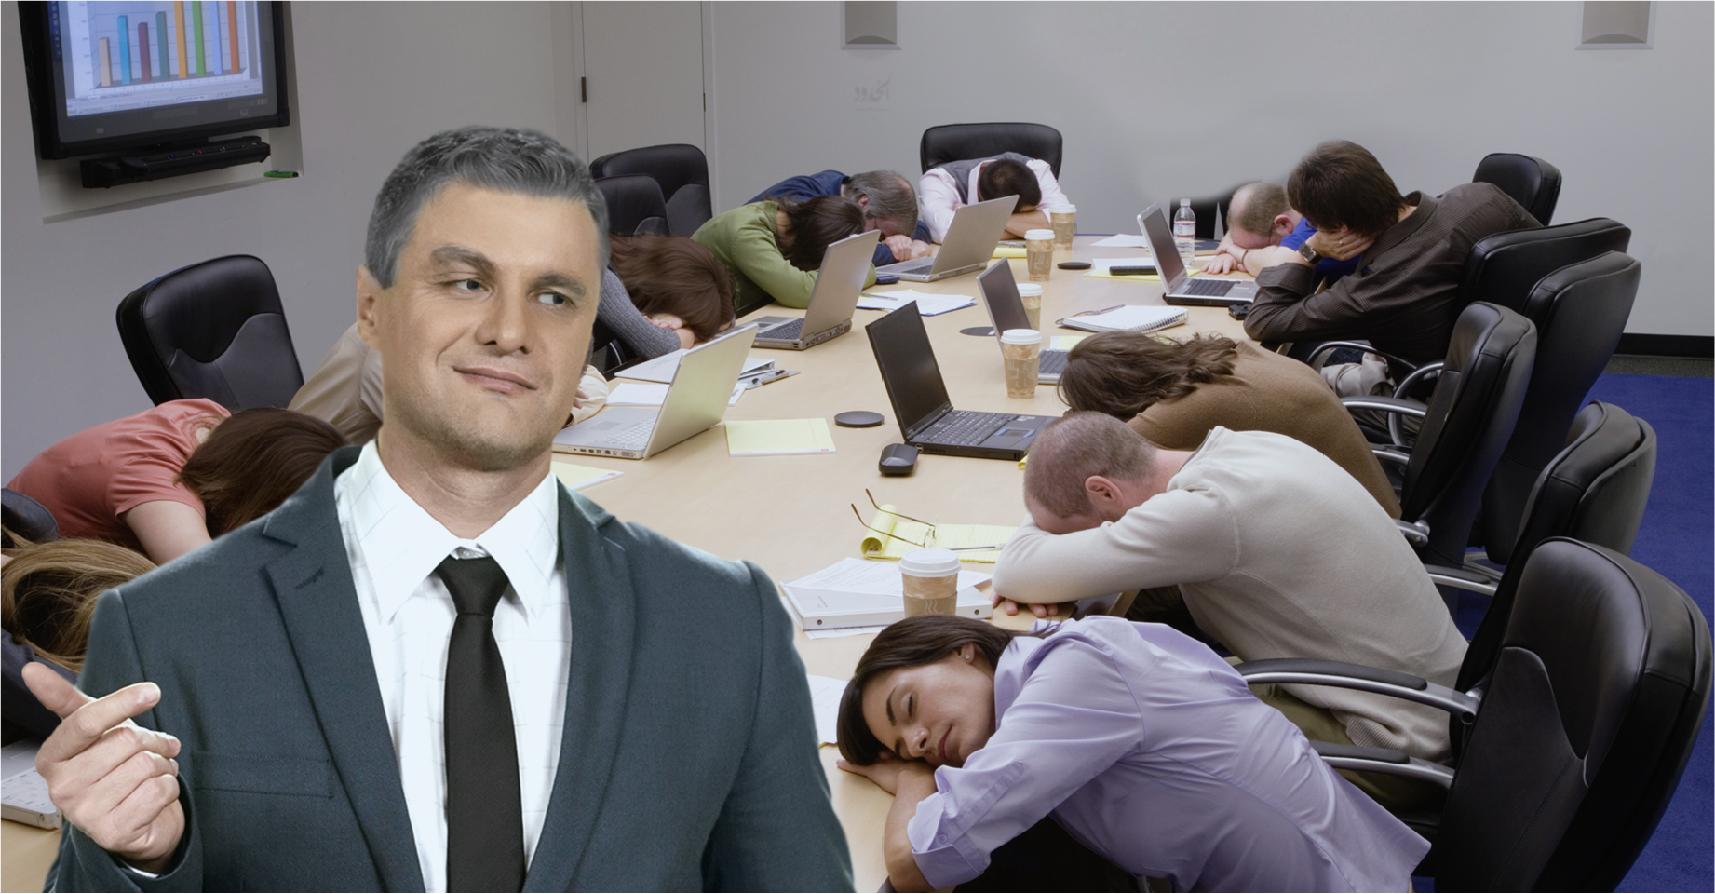 صورة مدير يتبرع بدفع إيجار المكتب عن الموظفين رغم أنهم ينامون فيه لإنهاء أعمالهم